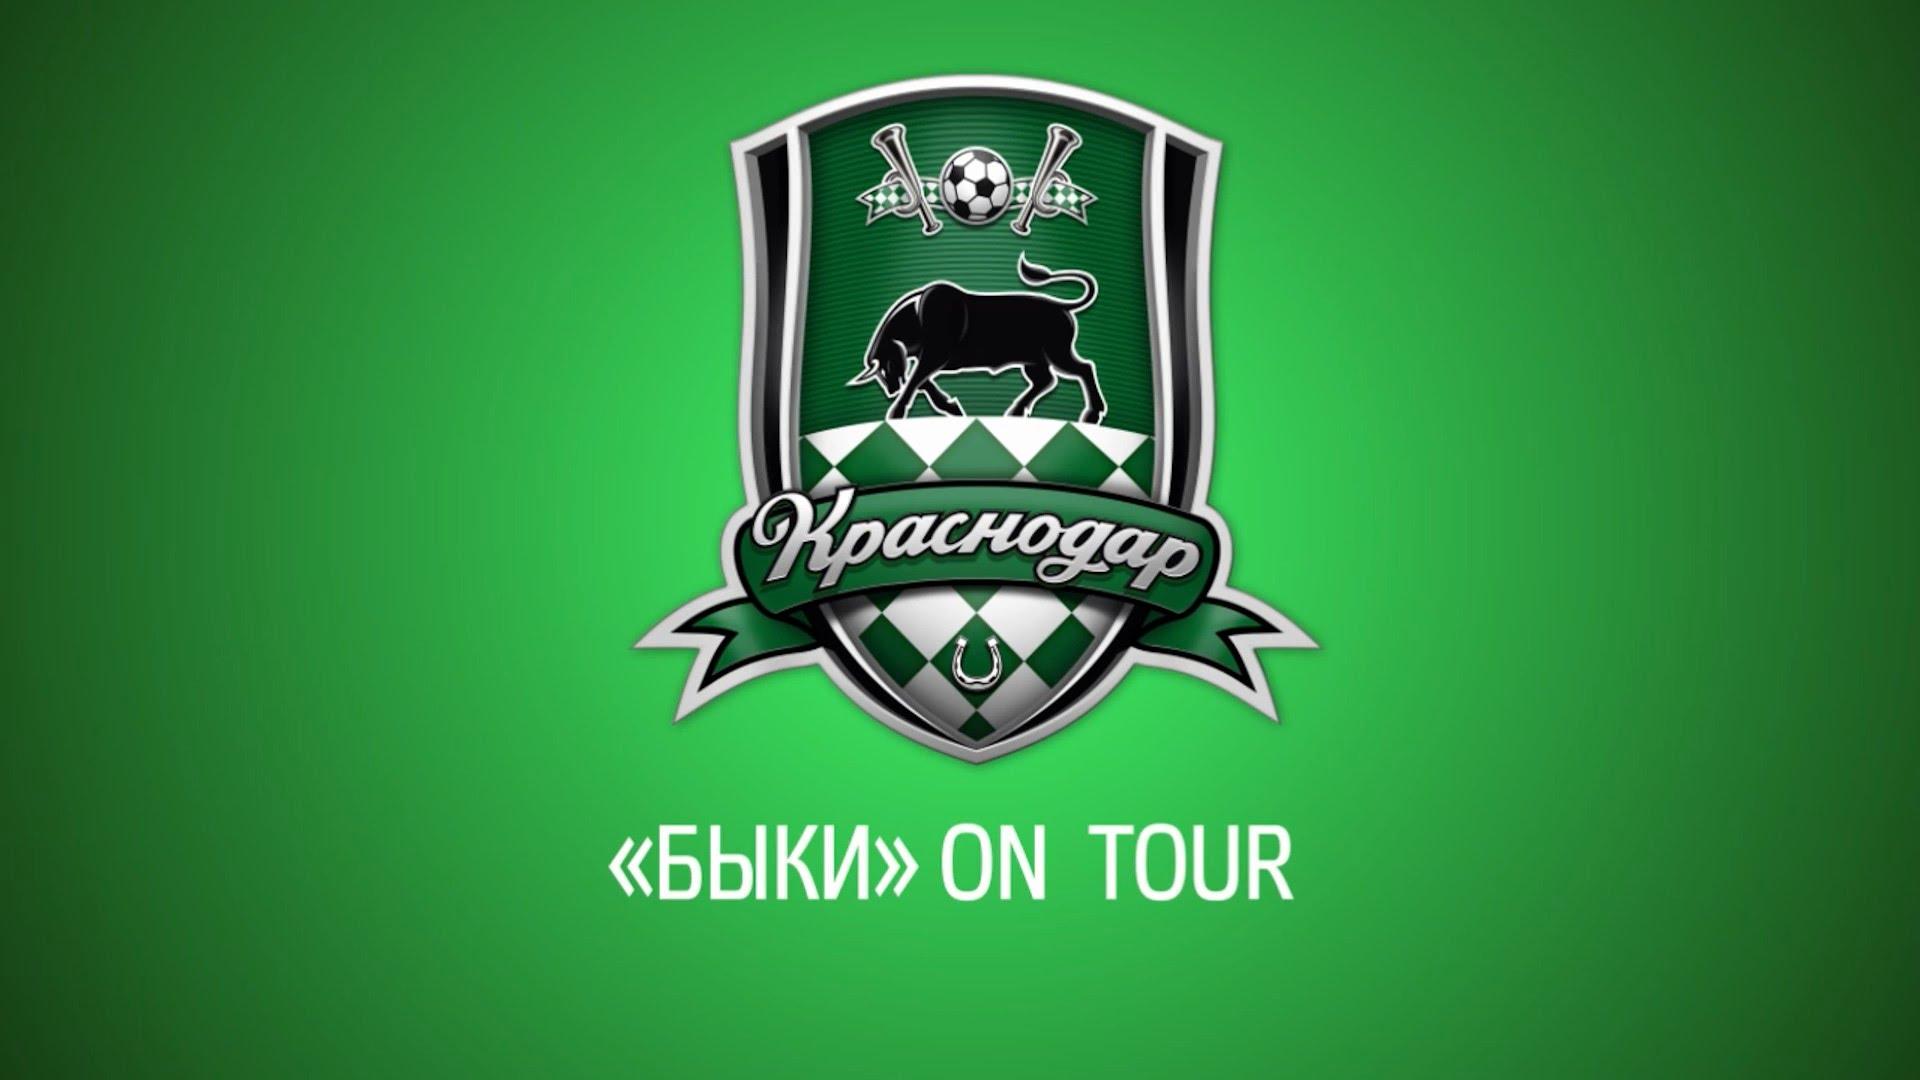 «Быки» on tour. Превью к контрольному матчу «Краснодар» - «Кайрат»